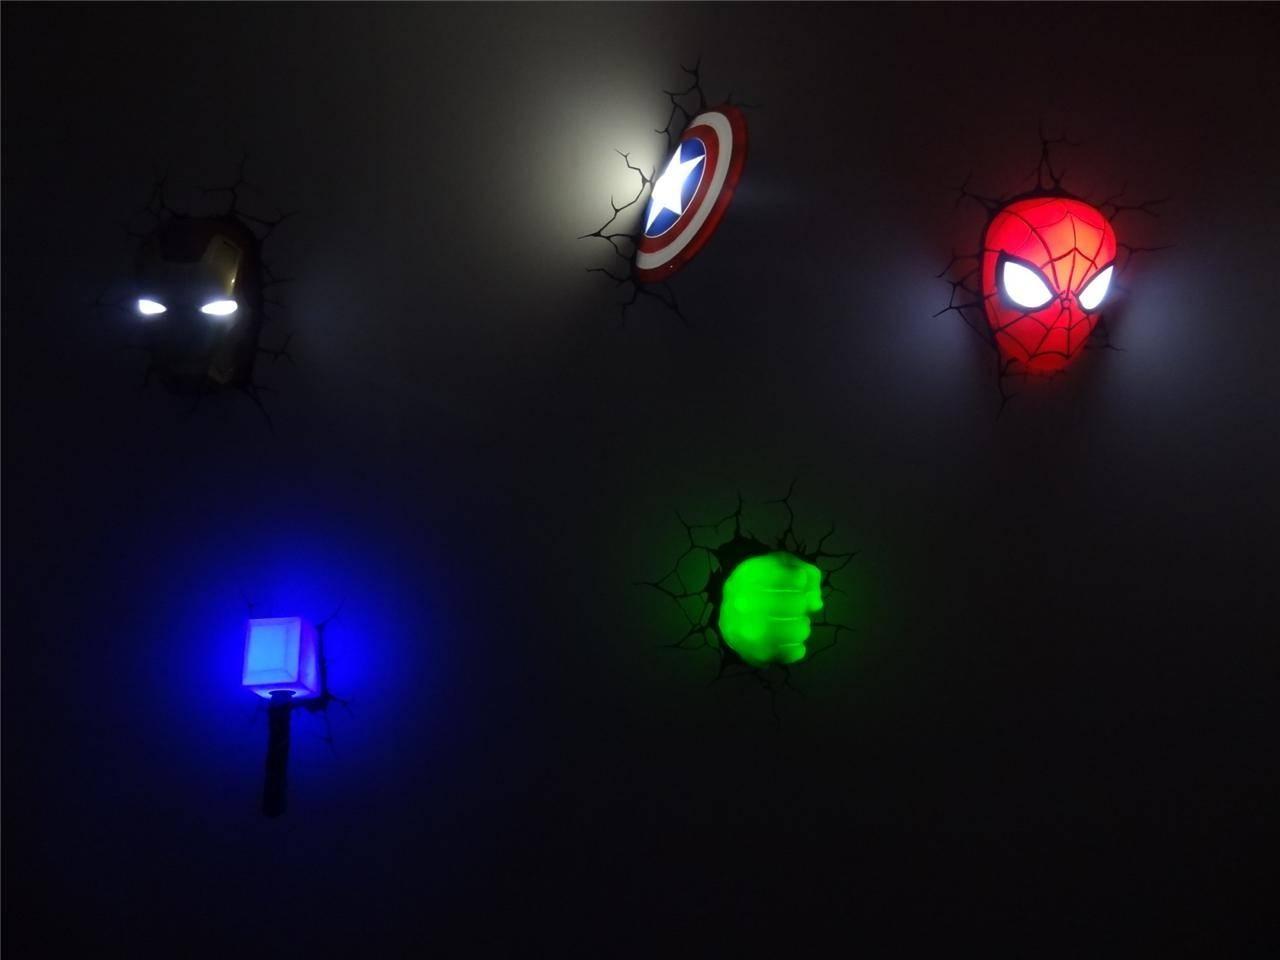 3D Wall Art Captain America Night Light | Wallartideas For Most Recent 3D Wall Art Captain America Night Light (Gallery 4 of 20)